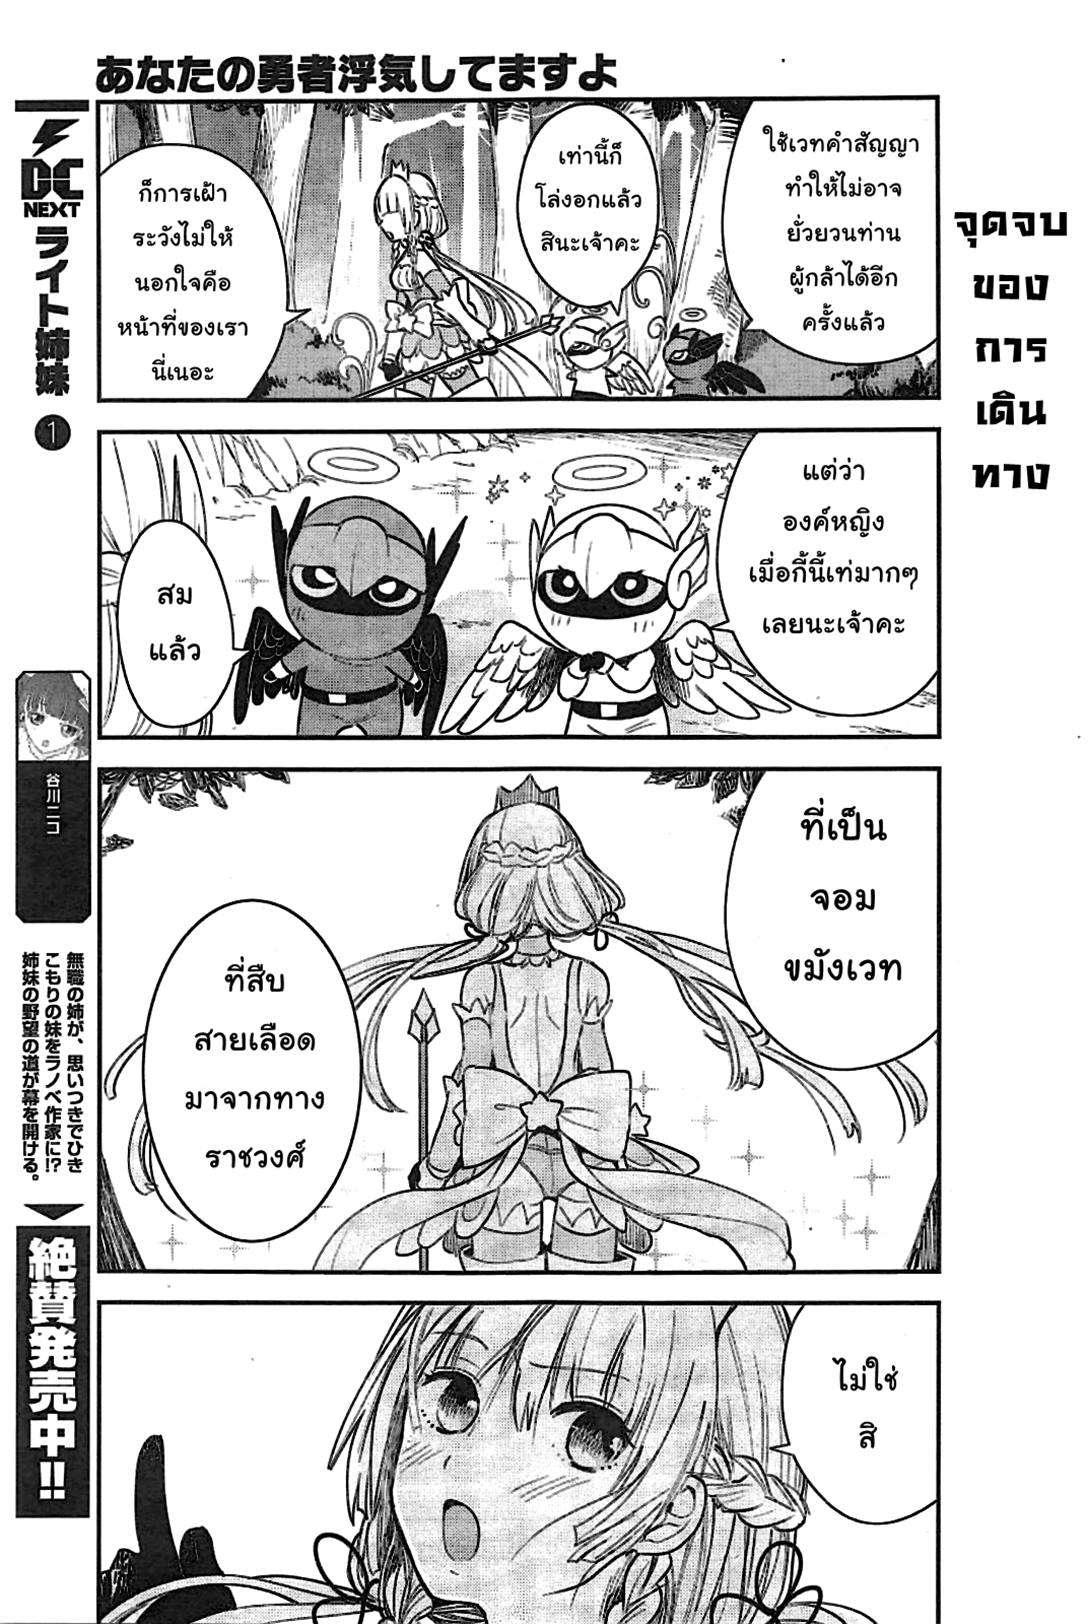 อ่านการ์ตูน Anata no Danna Uwaki shitemasu yo ตอนที่ 1 หน้าที่ 15